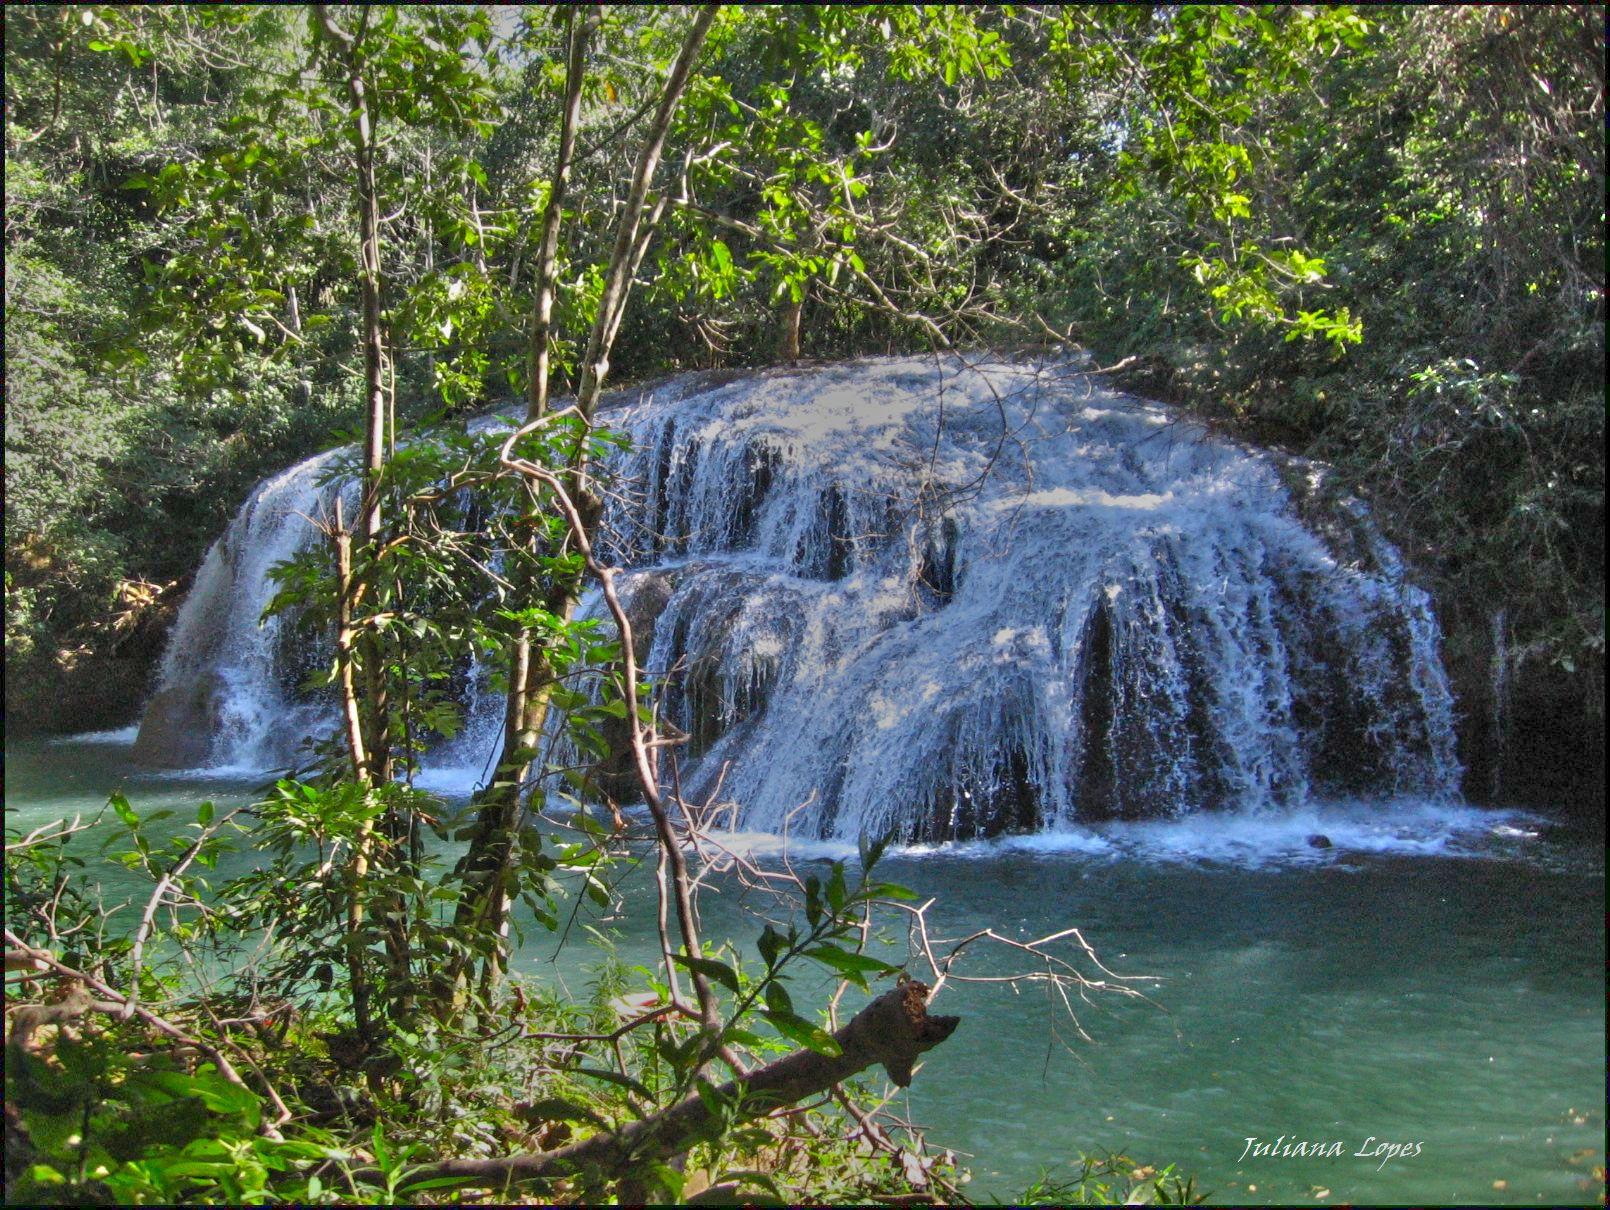 Cachoeira-Sinhozinho-Foto-Juliana-Lopes- Lua de mel em Bonito: o roteiro perfeito para dias inesquecíveis no paraíso do ecoturismo